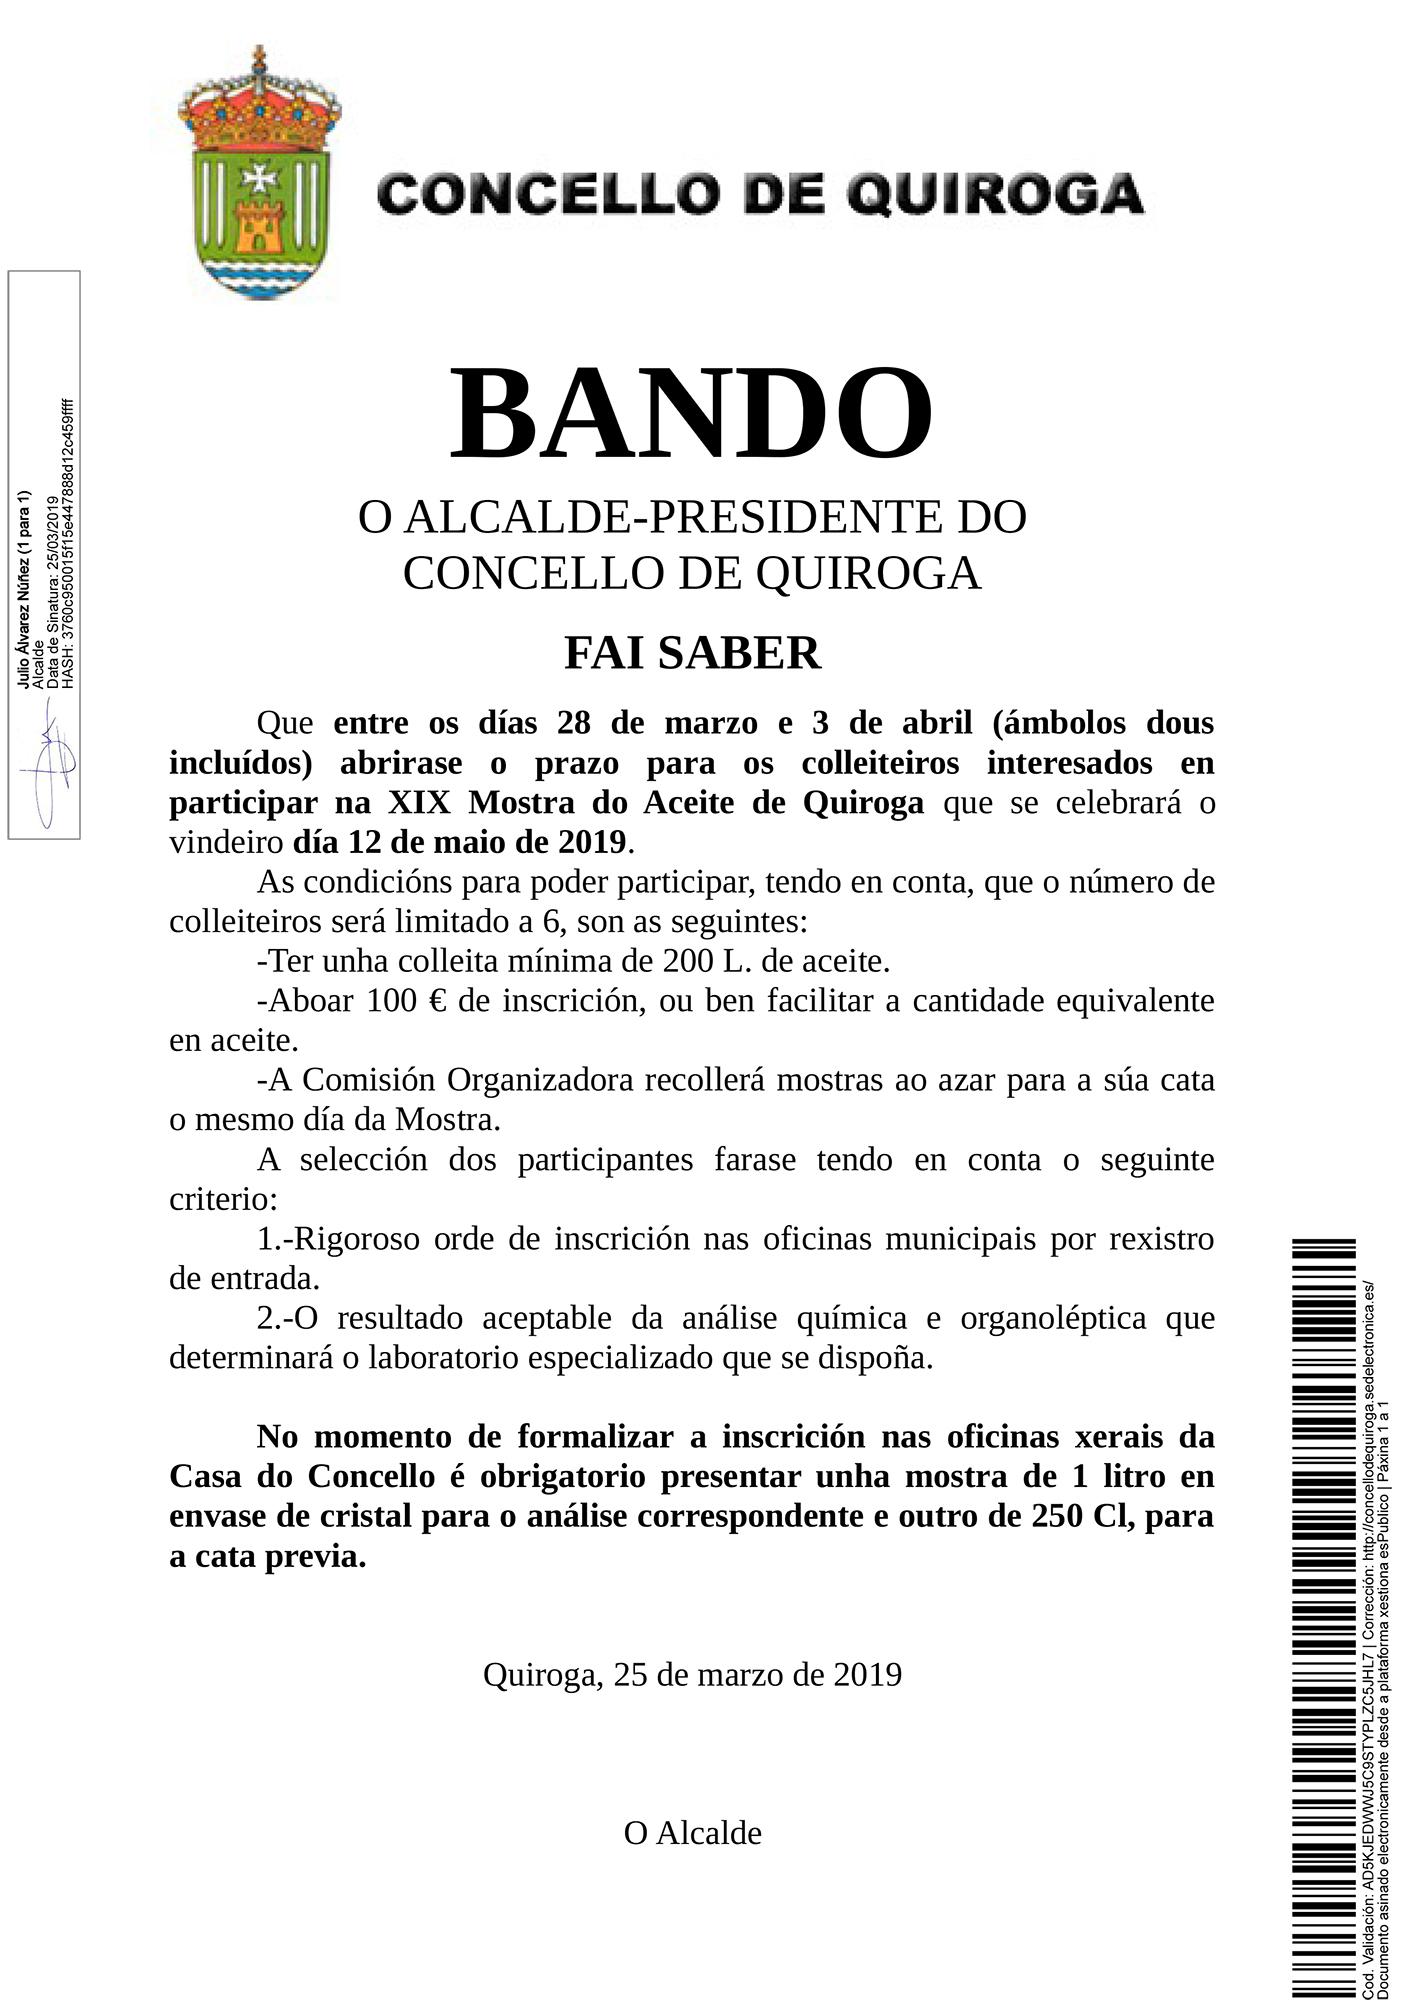 Bando de inscripción en la 19 Muestra del Aceite de Quiroga